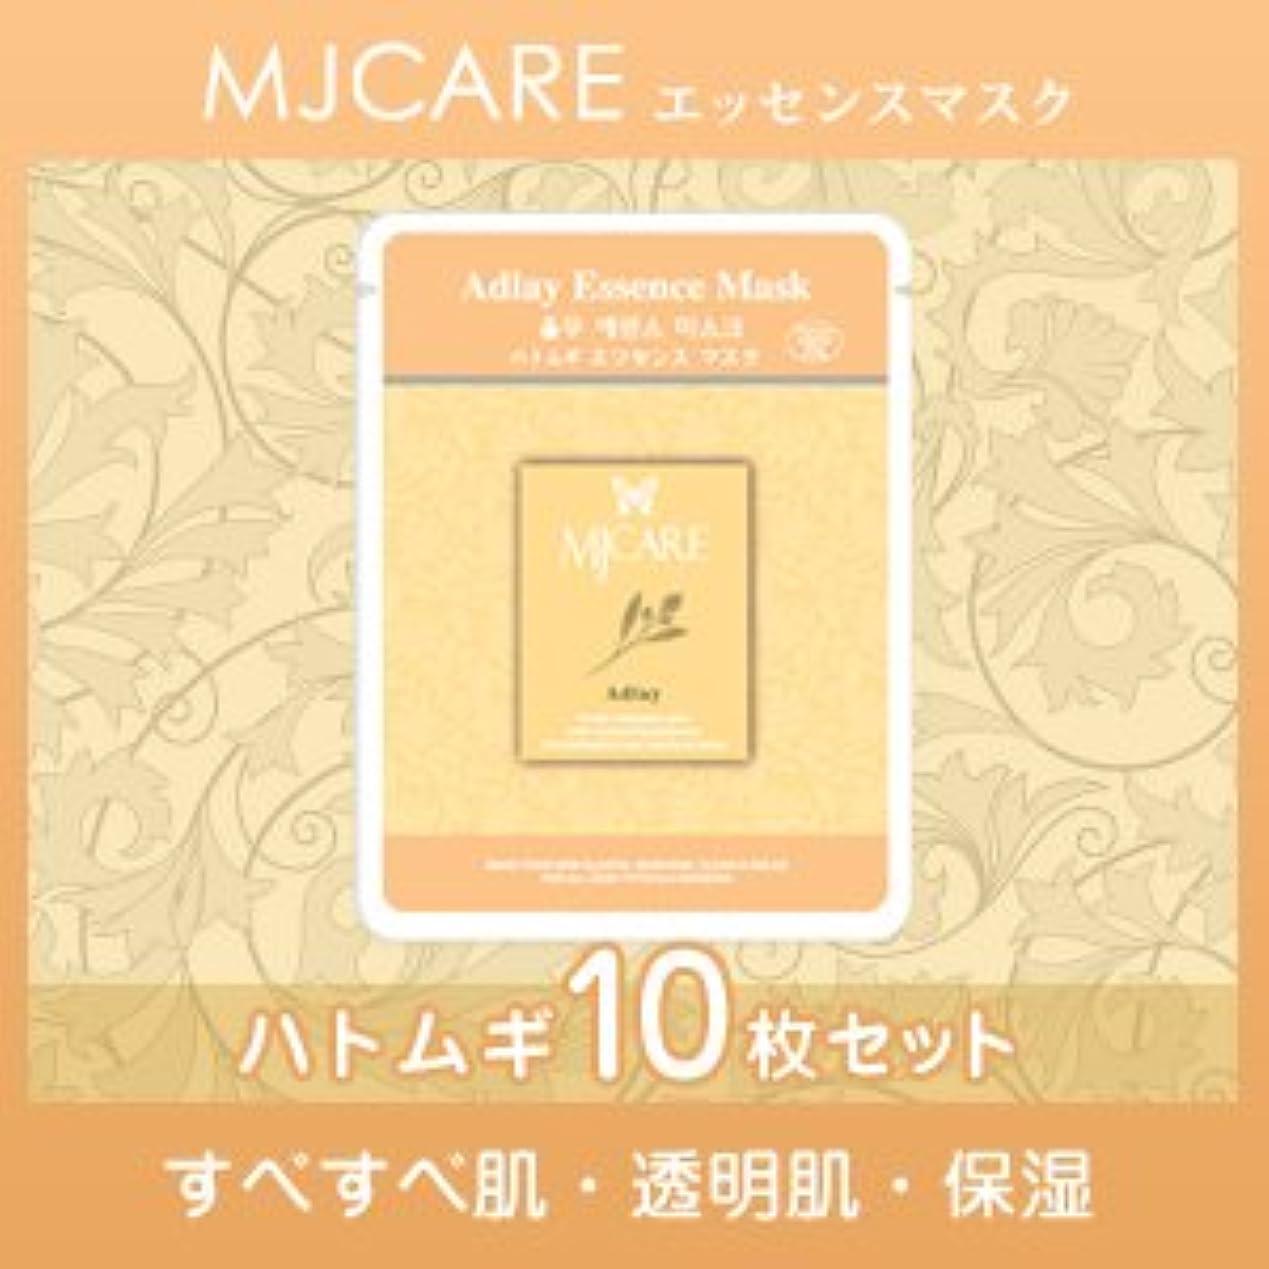 分析するフレア成功するMJCARE (エムジェイケア) ハトムギ エッセンスマスク 10セット